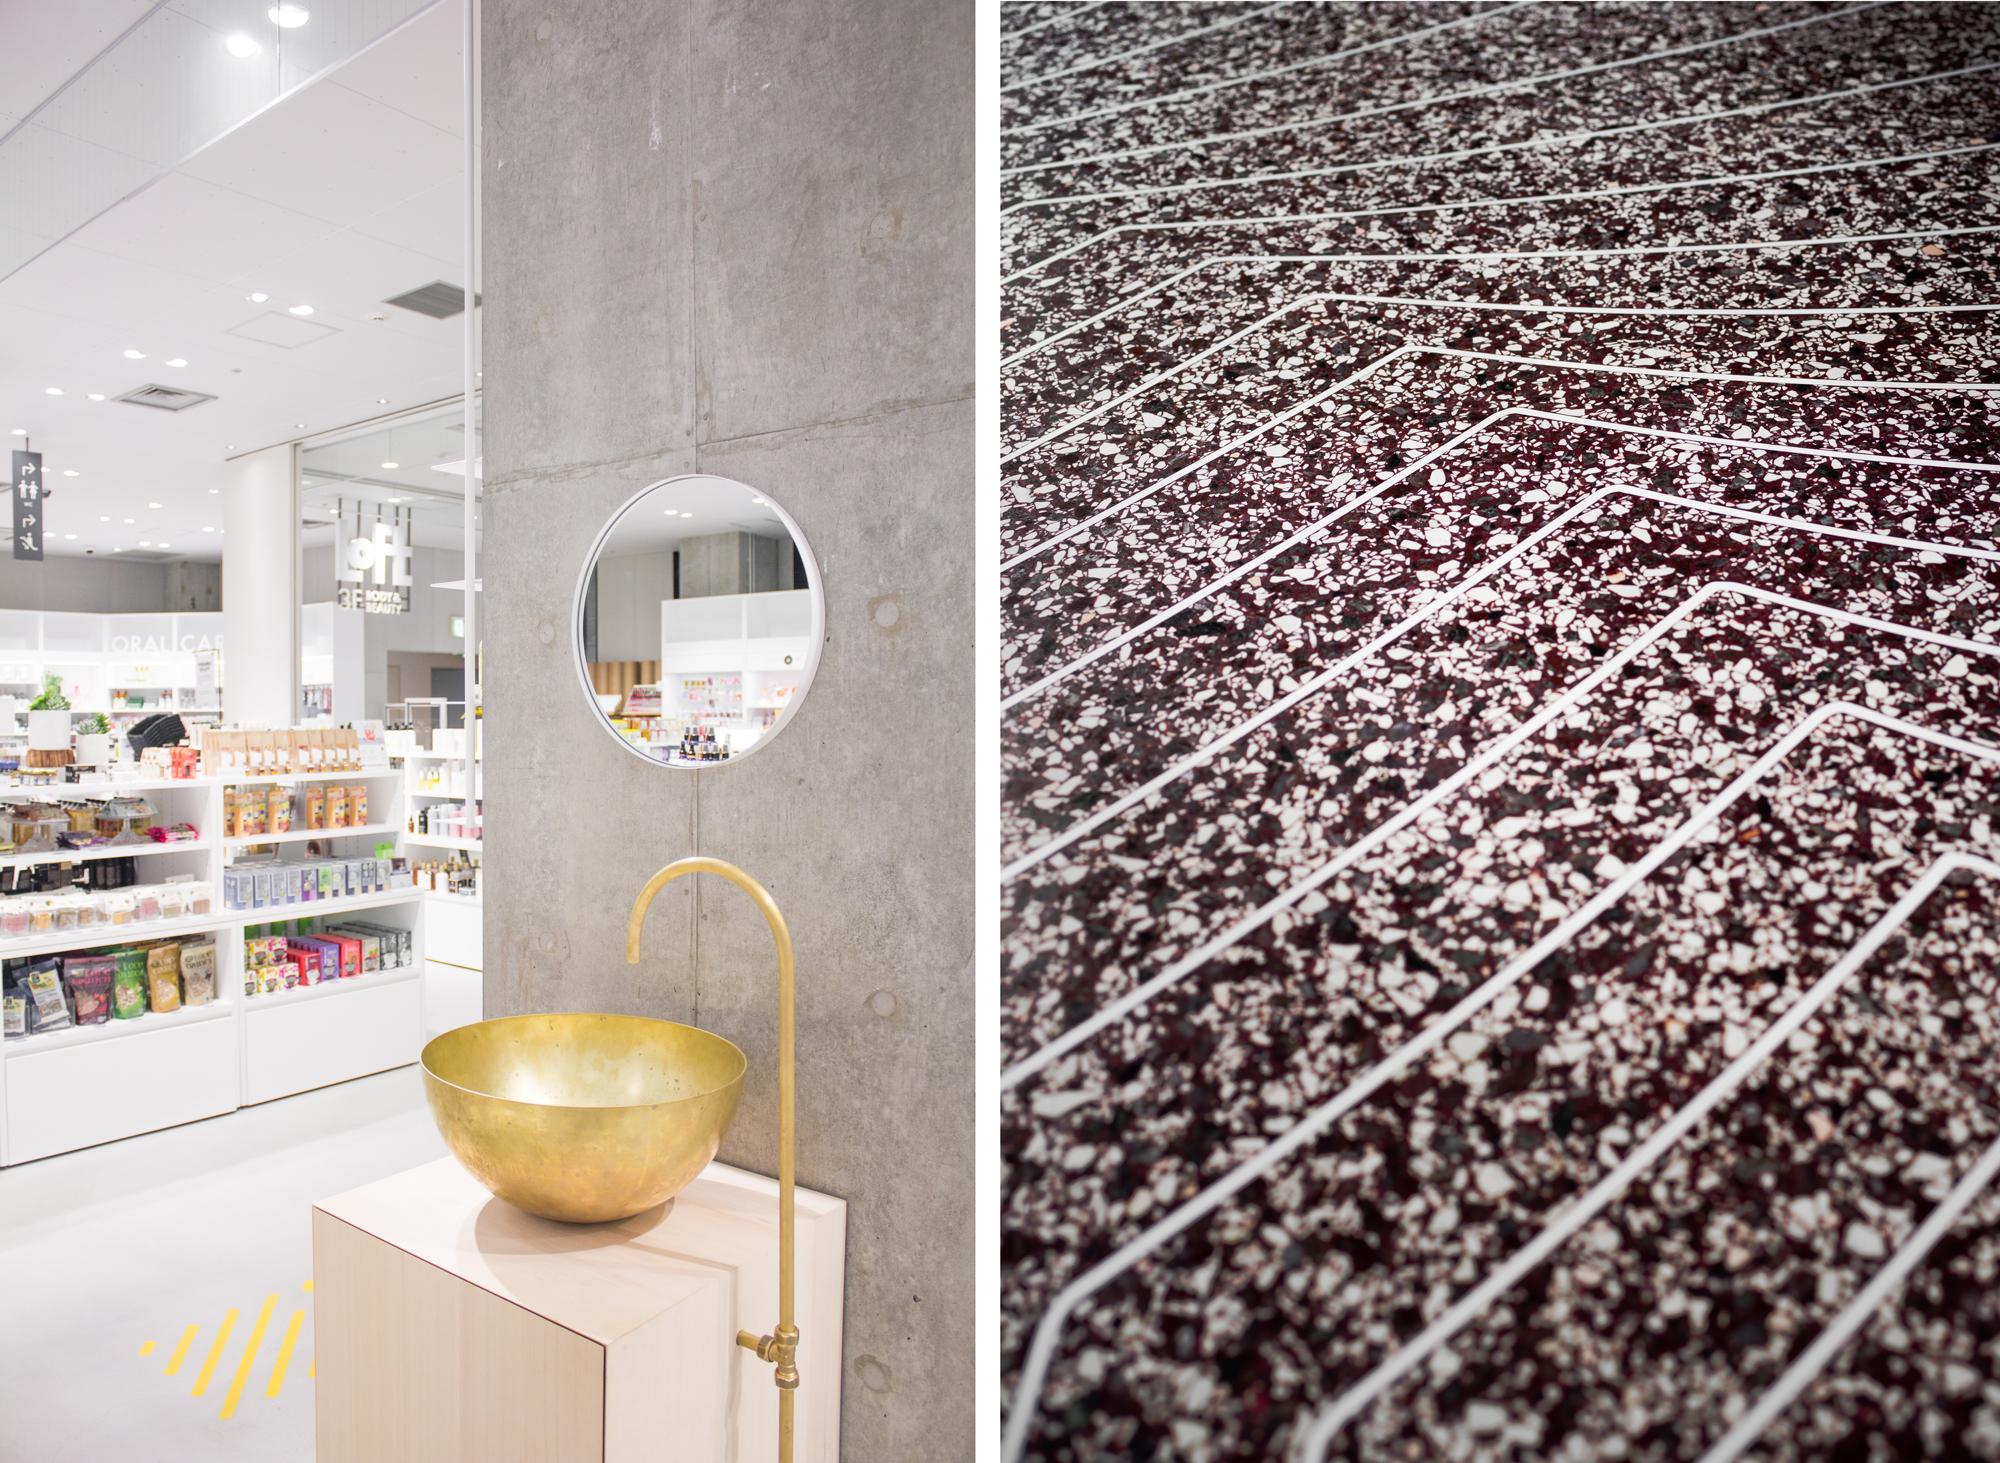 The Vanity Corner, 3D printed retail furniture by DUS